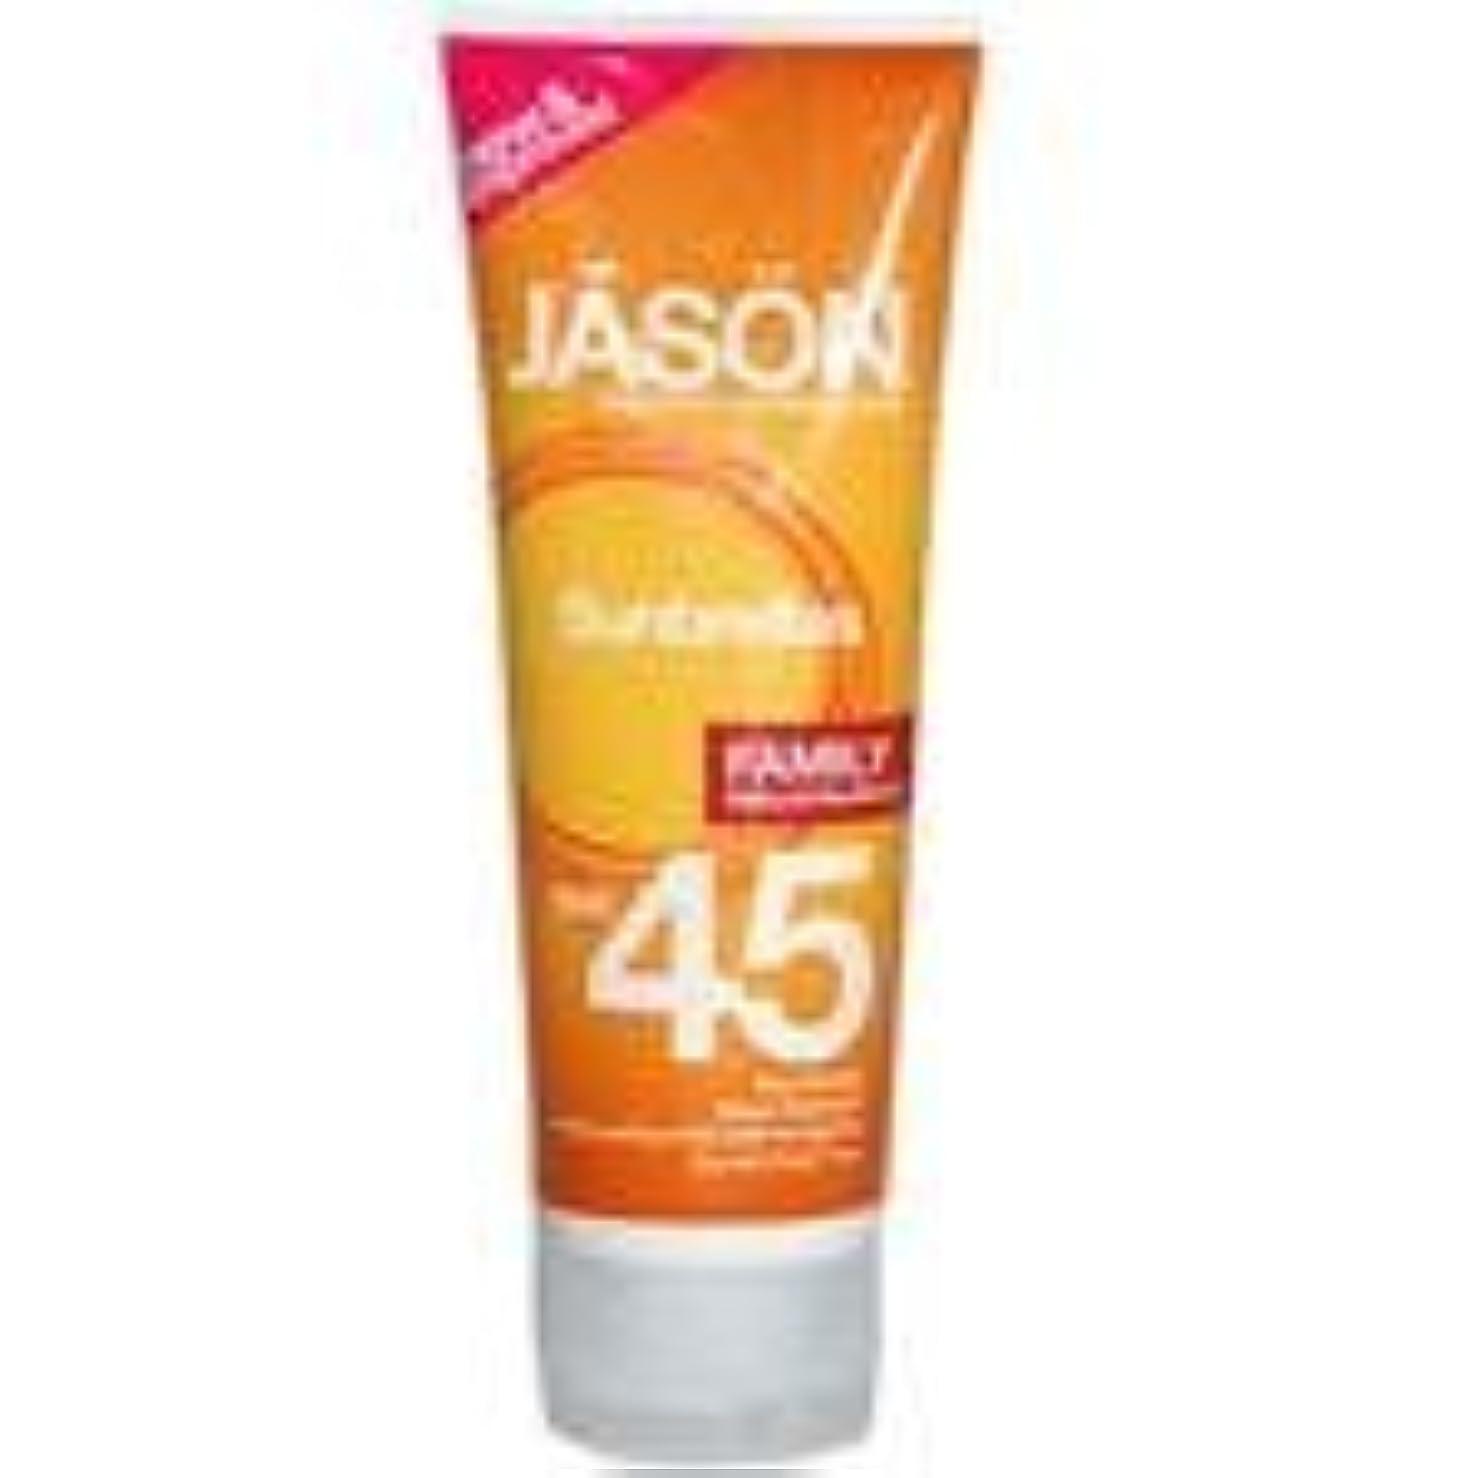 部分肌寒いに応じて[海外直送品] ジェイソンナチュラル サンブレラズ ファミリー サンブロック SPF45 125g